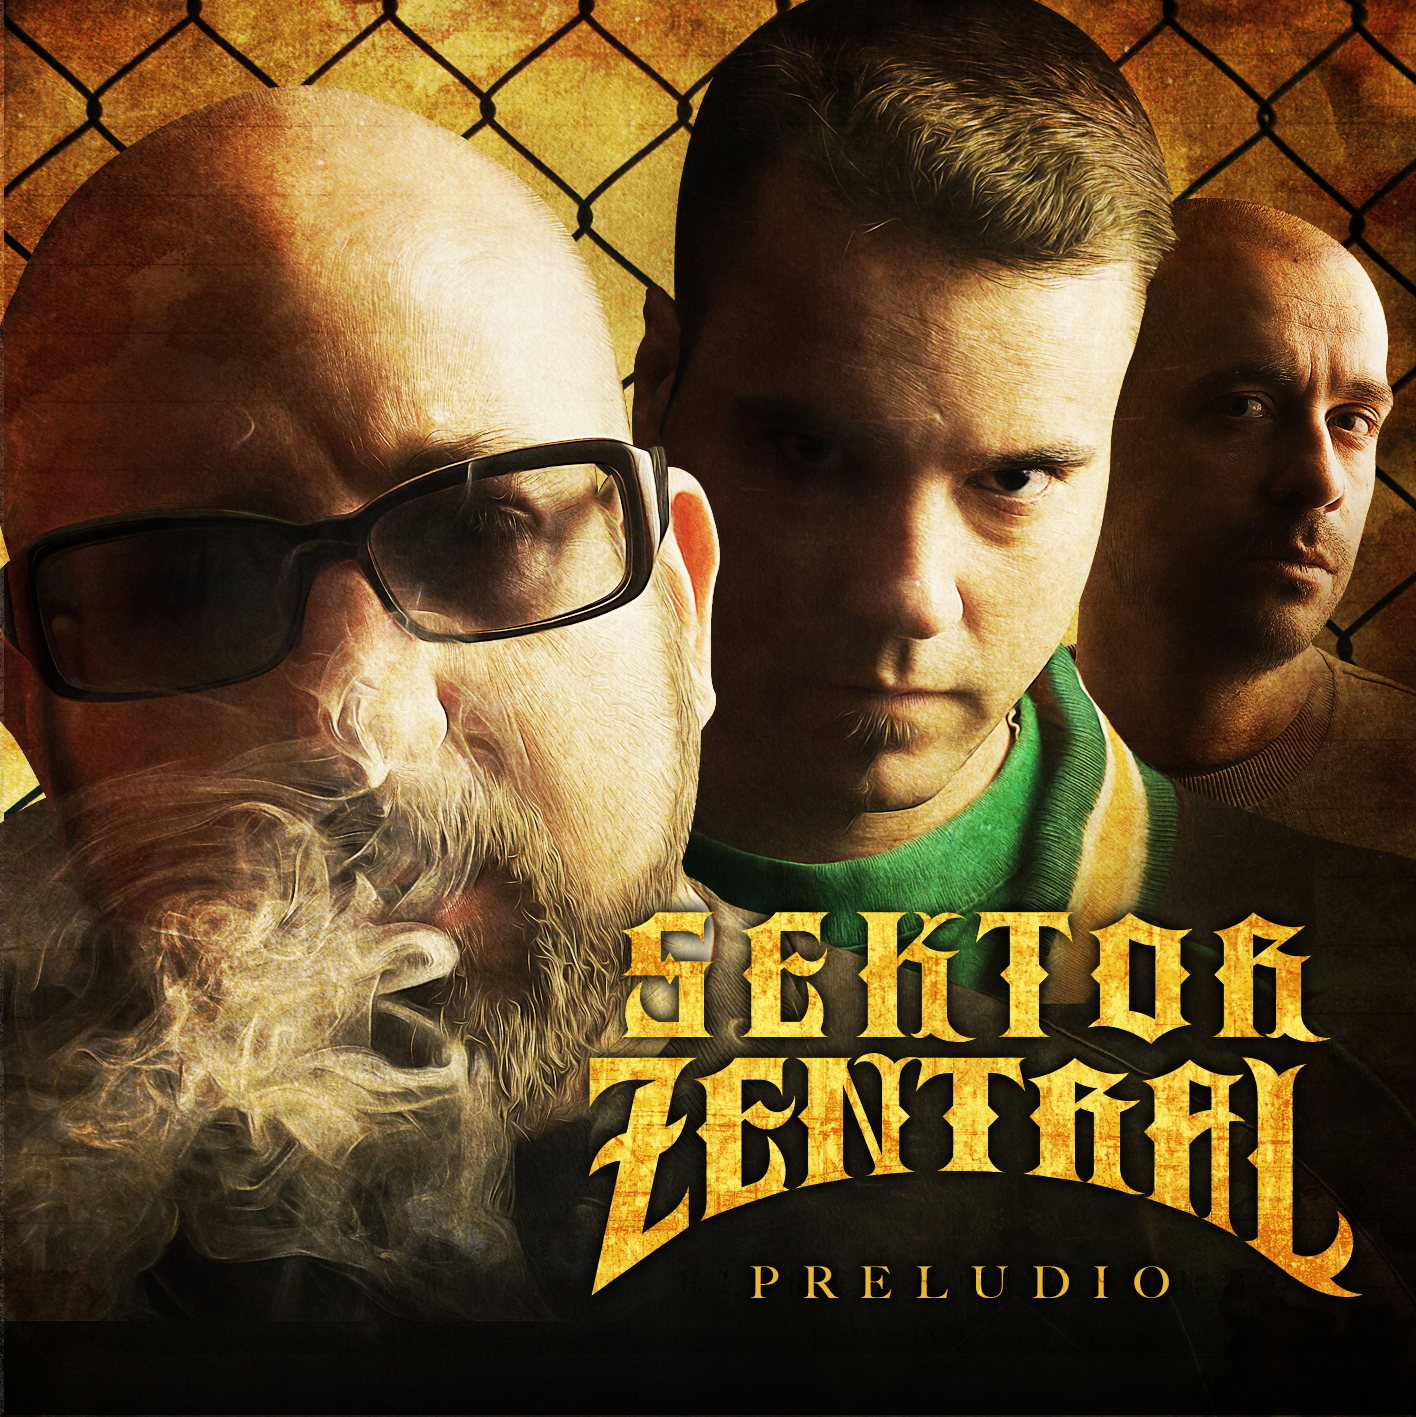 Sektor_zentral_-_preludio